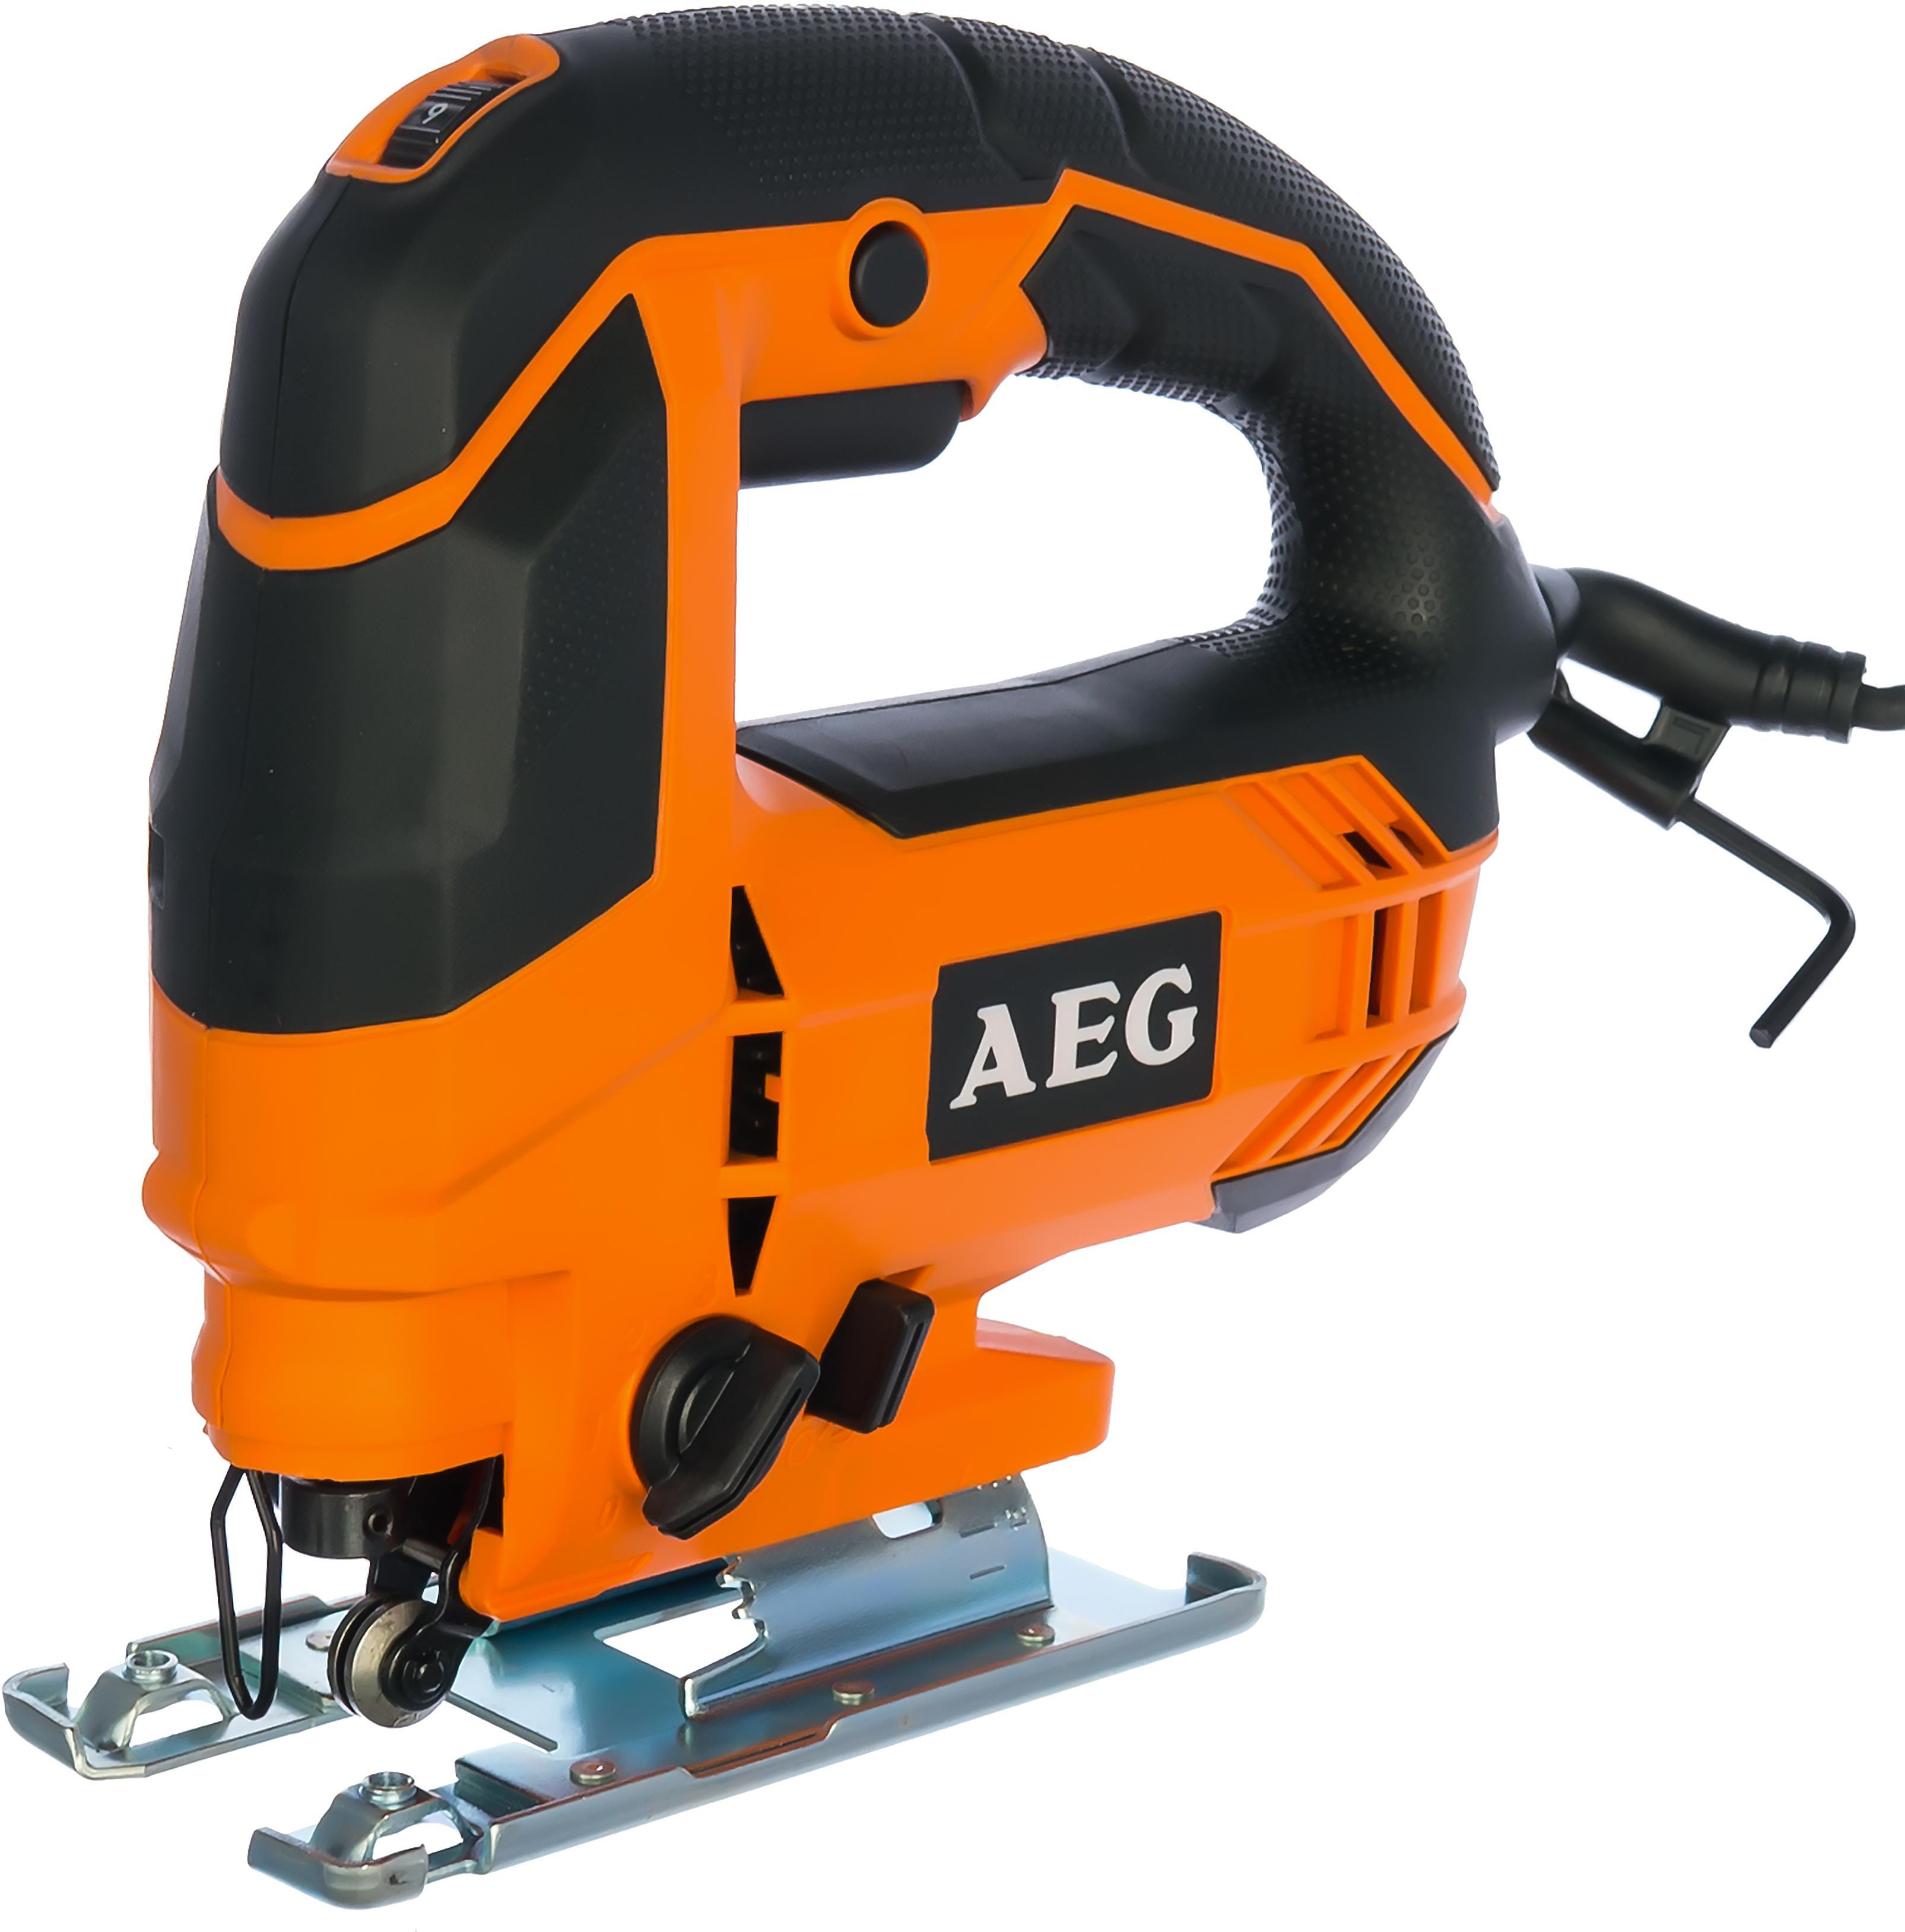 Лобзик Aeg Step 80 вентилятор напольный aeg vl 5569 s lb 80 вт